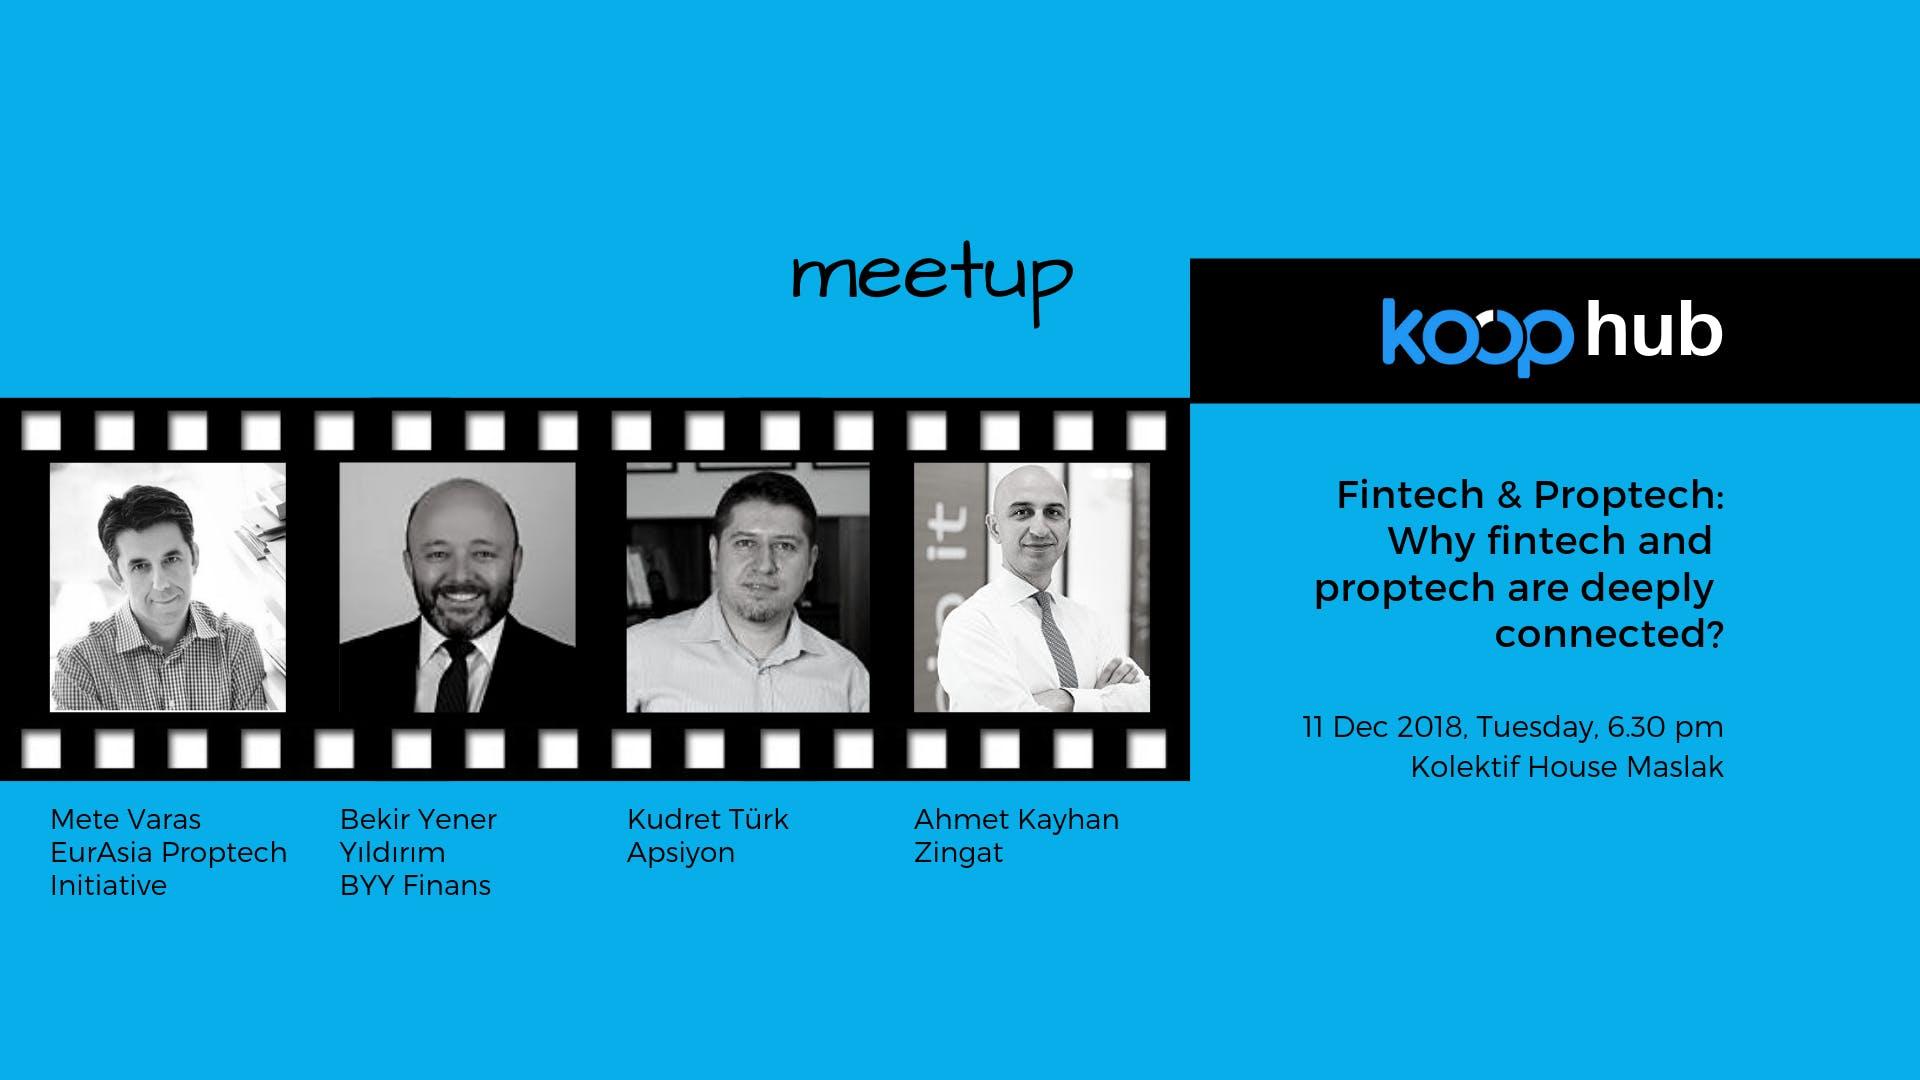 Fintech & Proptech Meetup